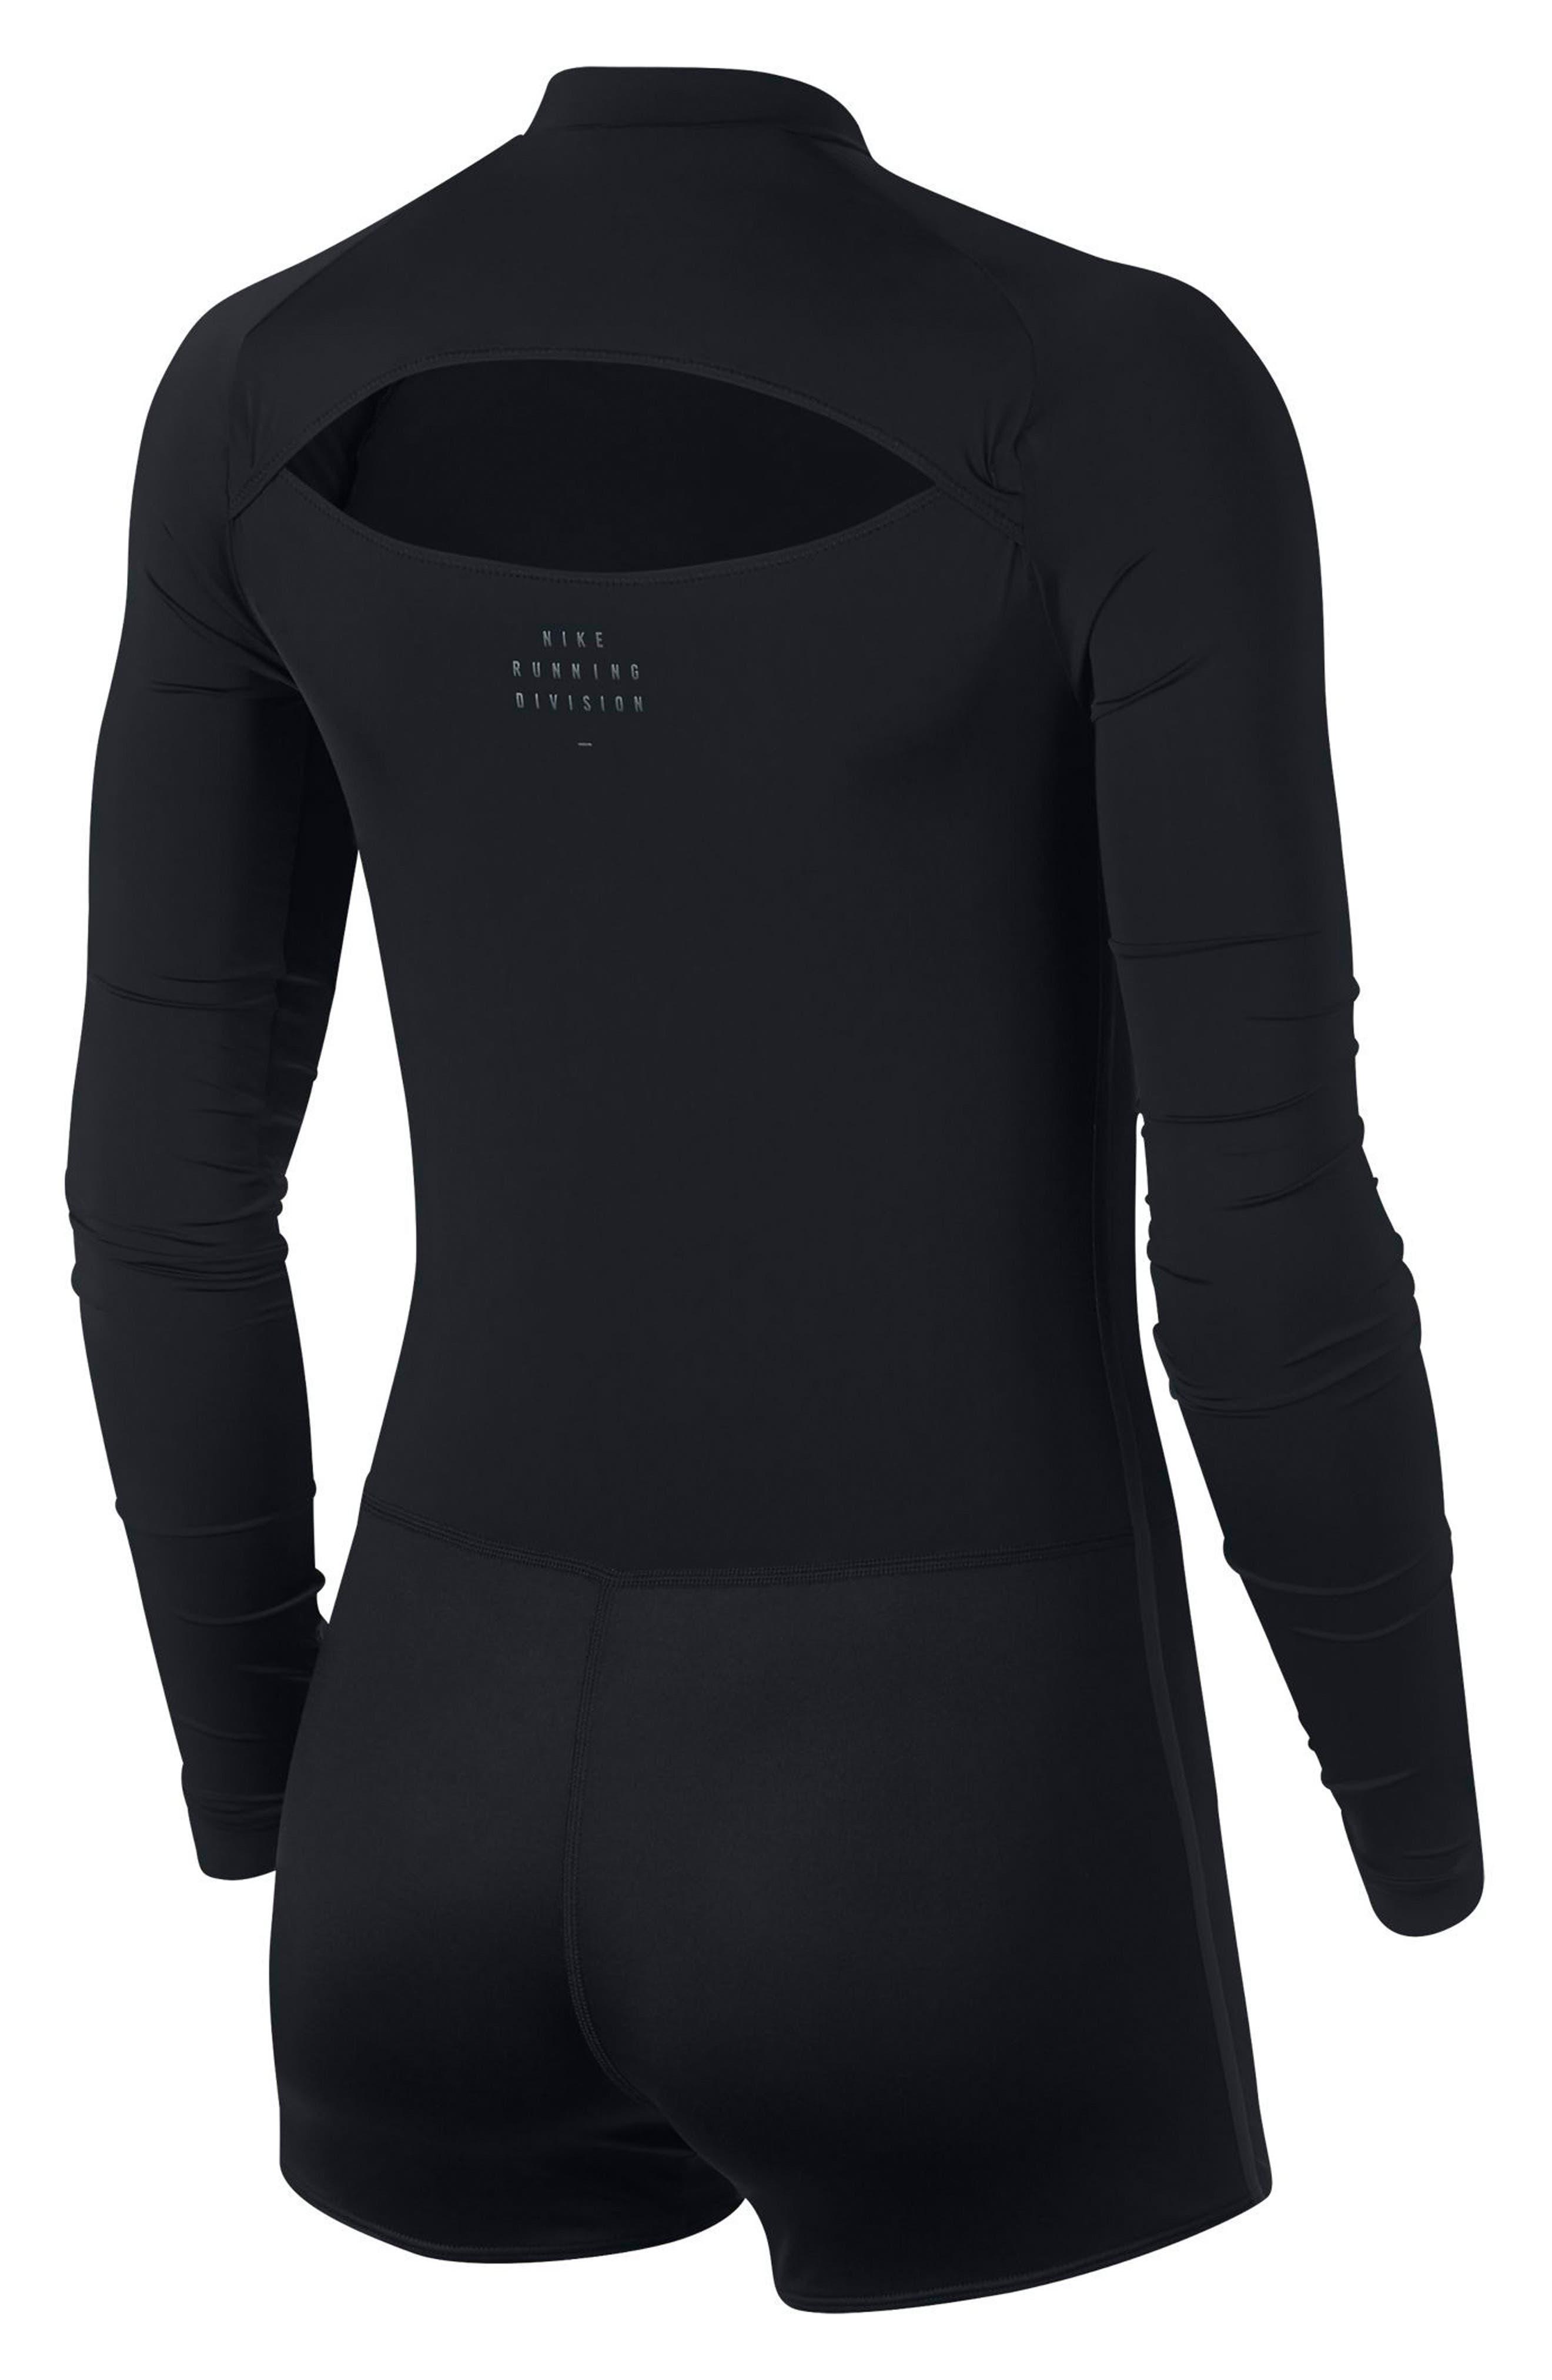 Running Division Women's Running Bodysuit,                             Alternate thumbnail 2, color,                             BLACK/ REFLECT BLACK